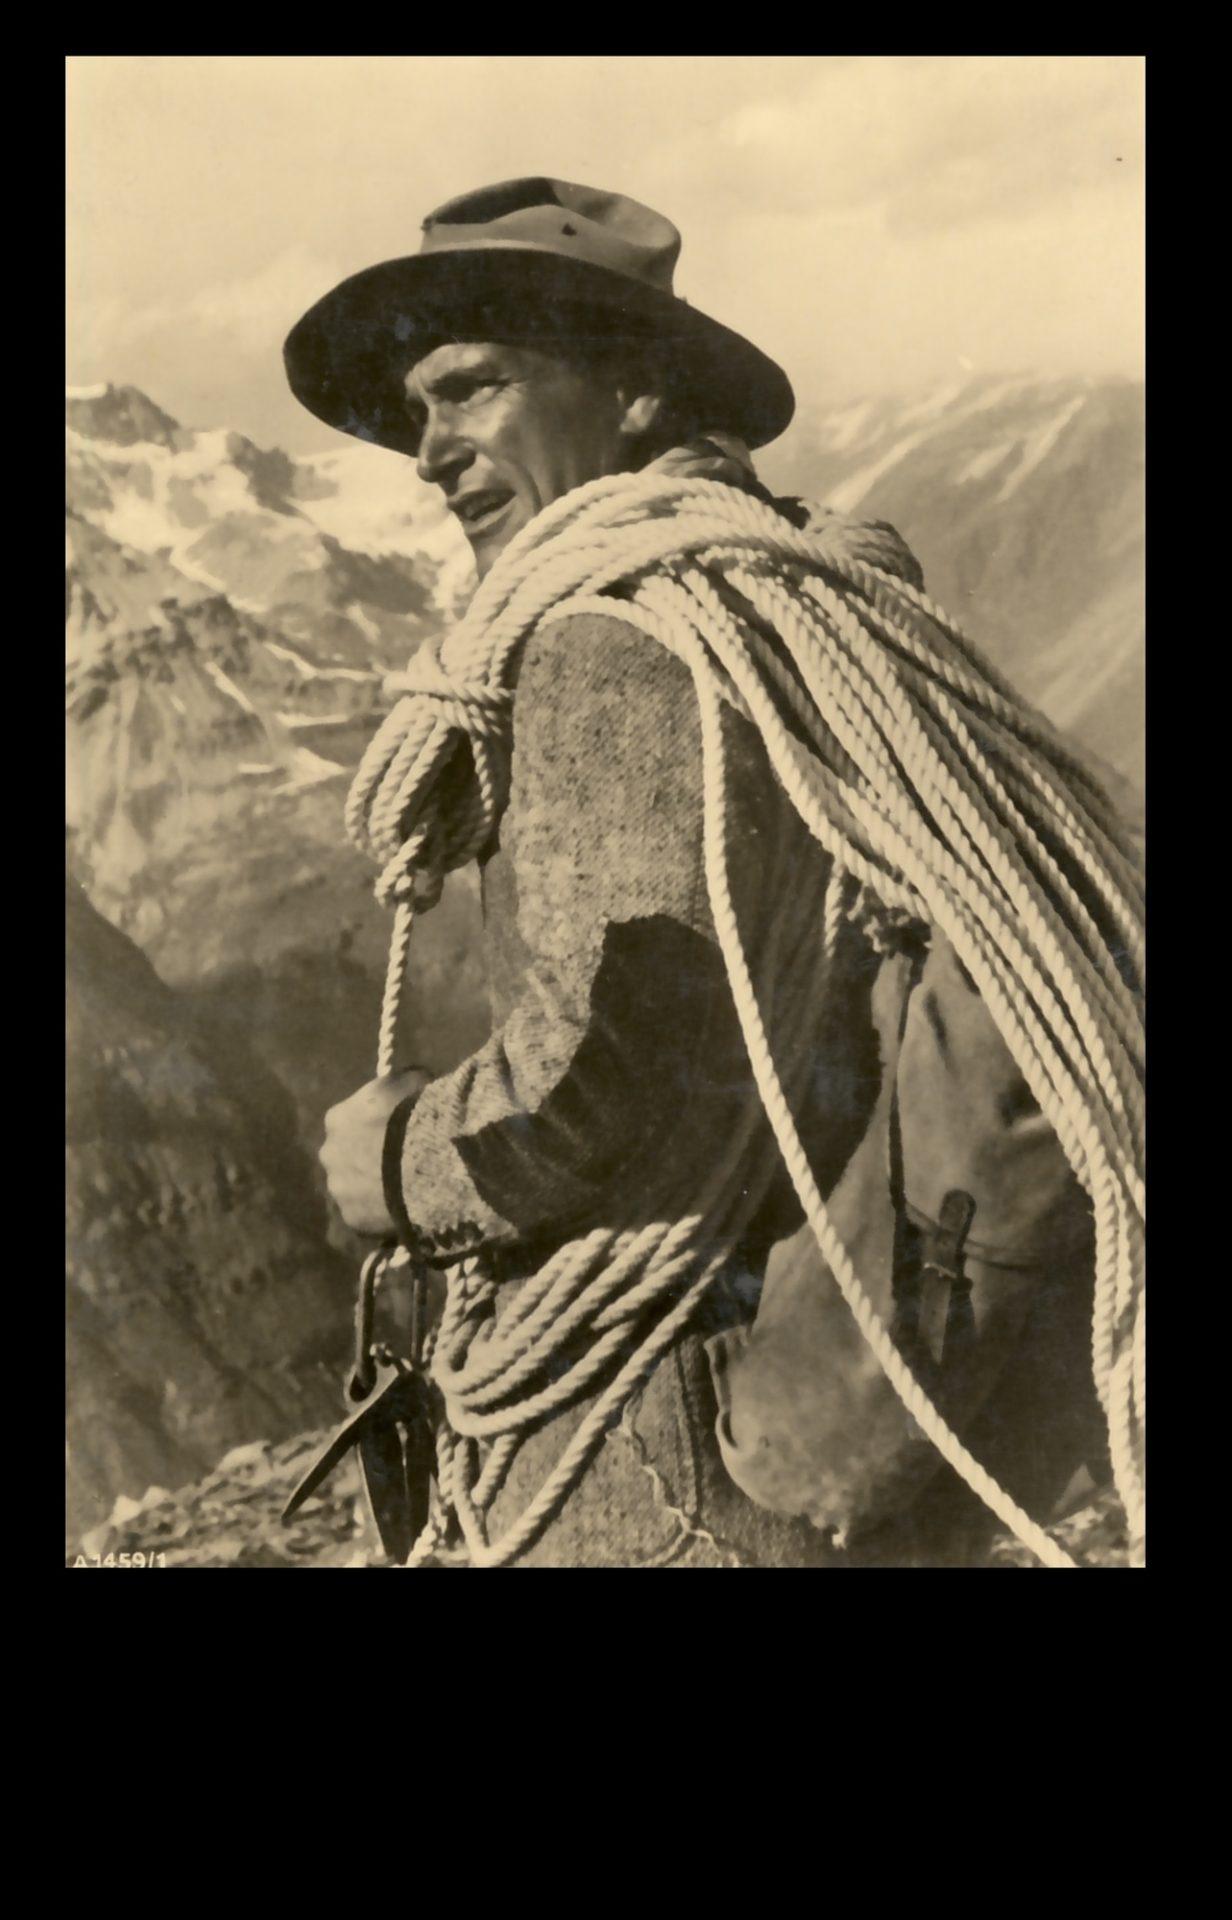 Luis Trenker I Berge erleben © Archiv DAV